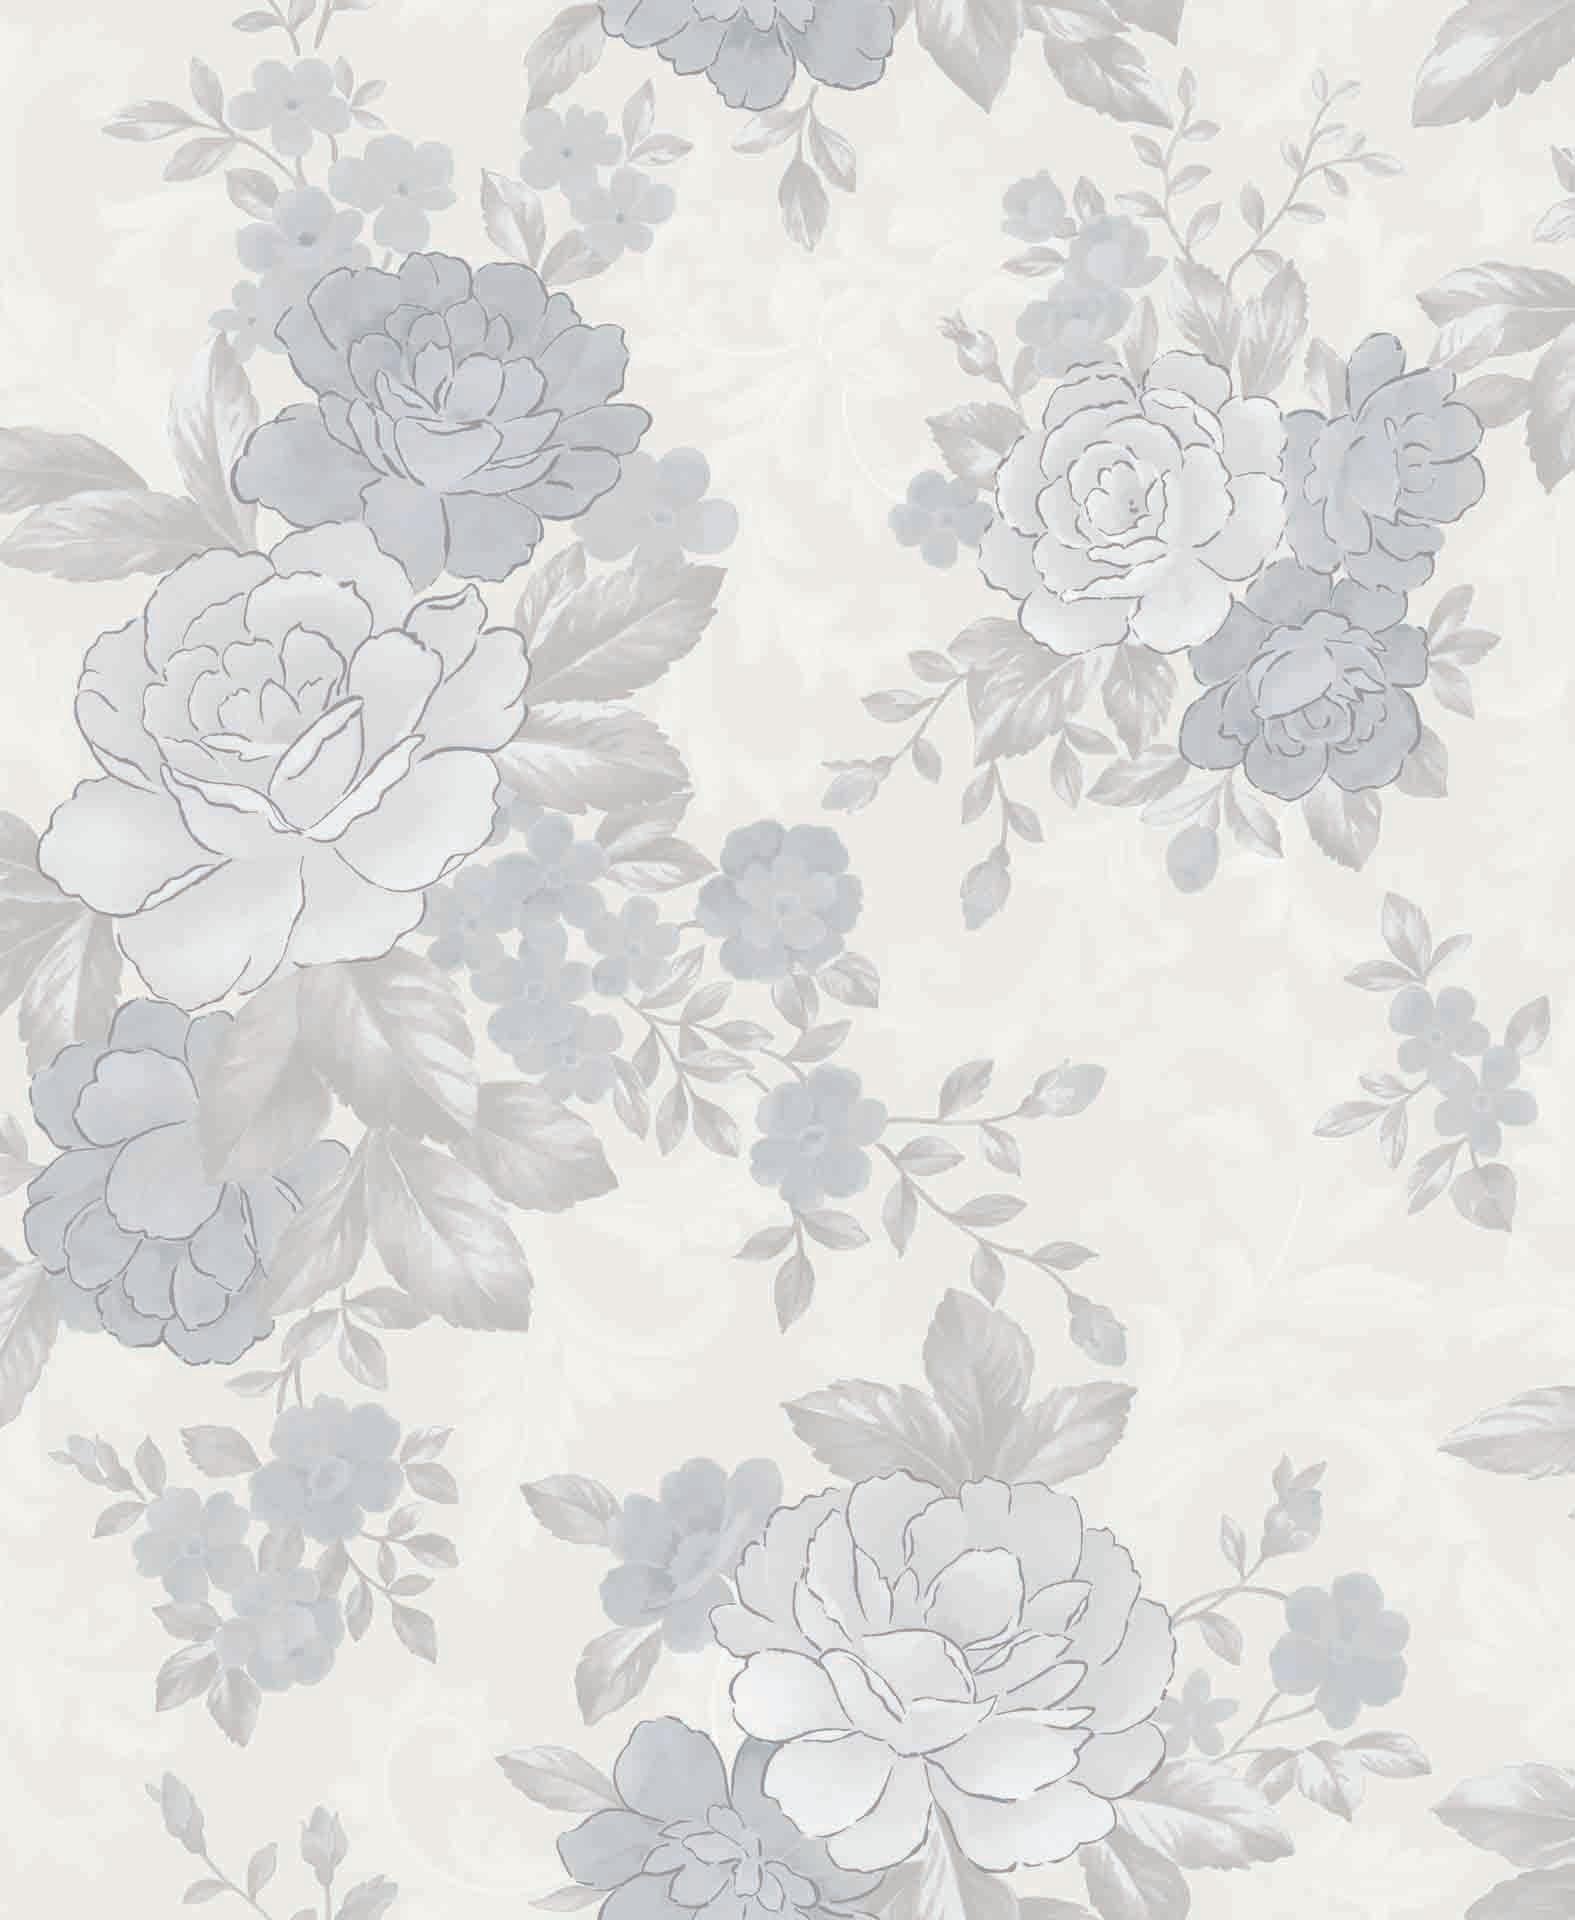 玫瑰花园 矢量_矢量玫瑰花瓣_圆形玫瑰花环矢量_亿库